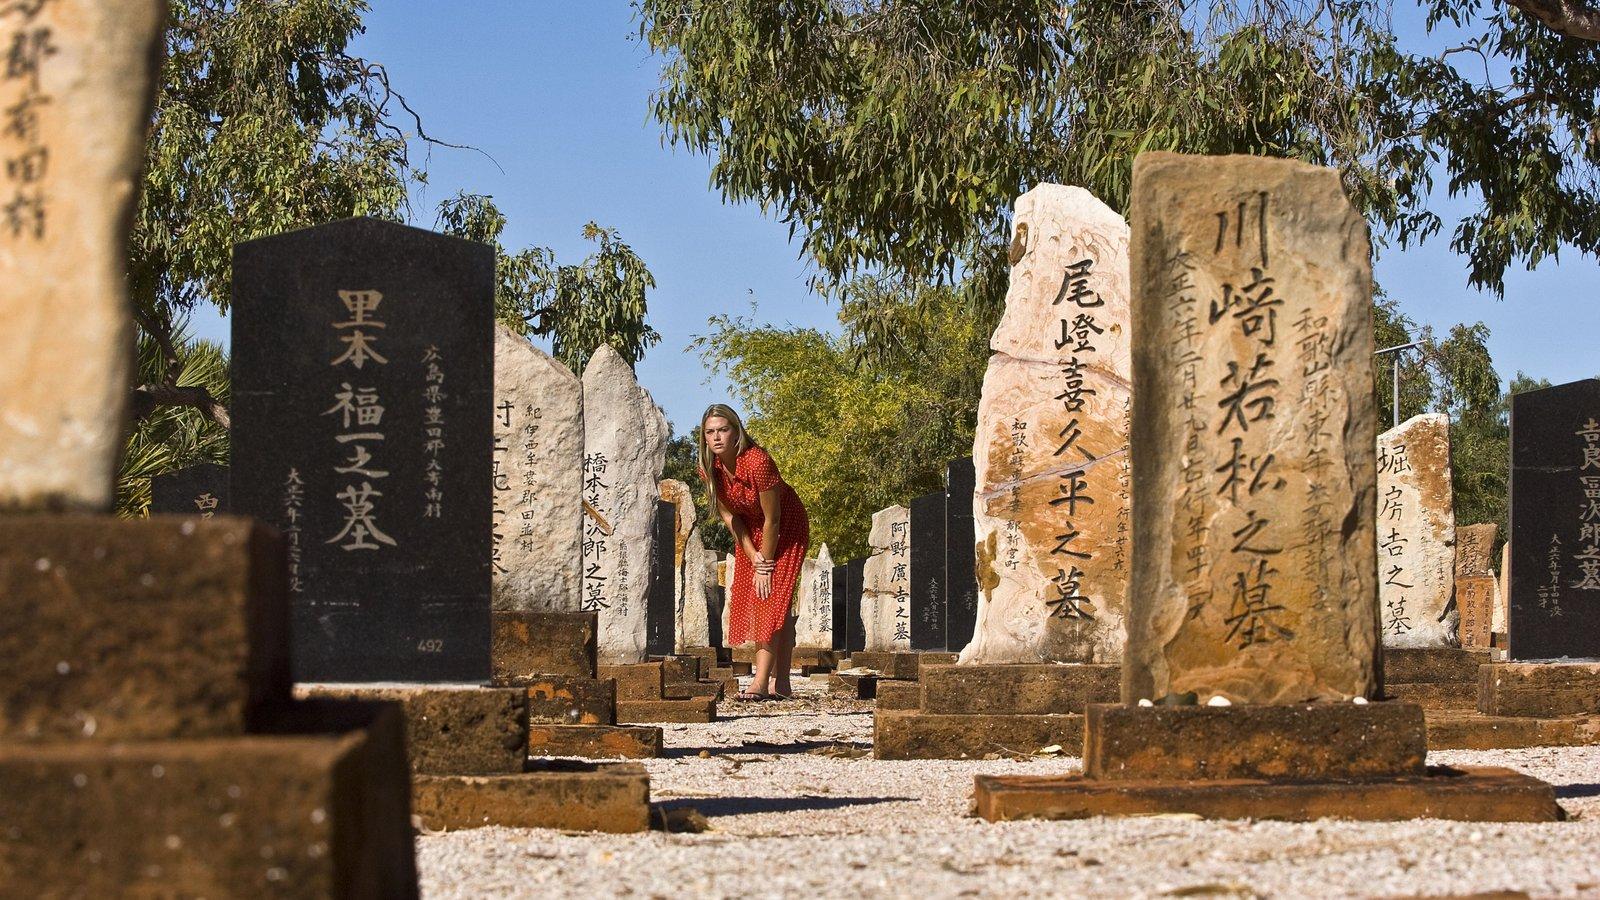 Broome que incluye un cementerio y un monumento y también una mujer